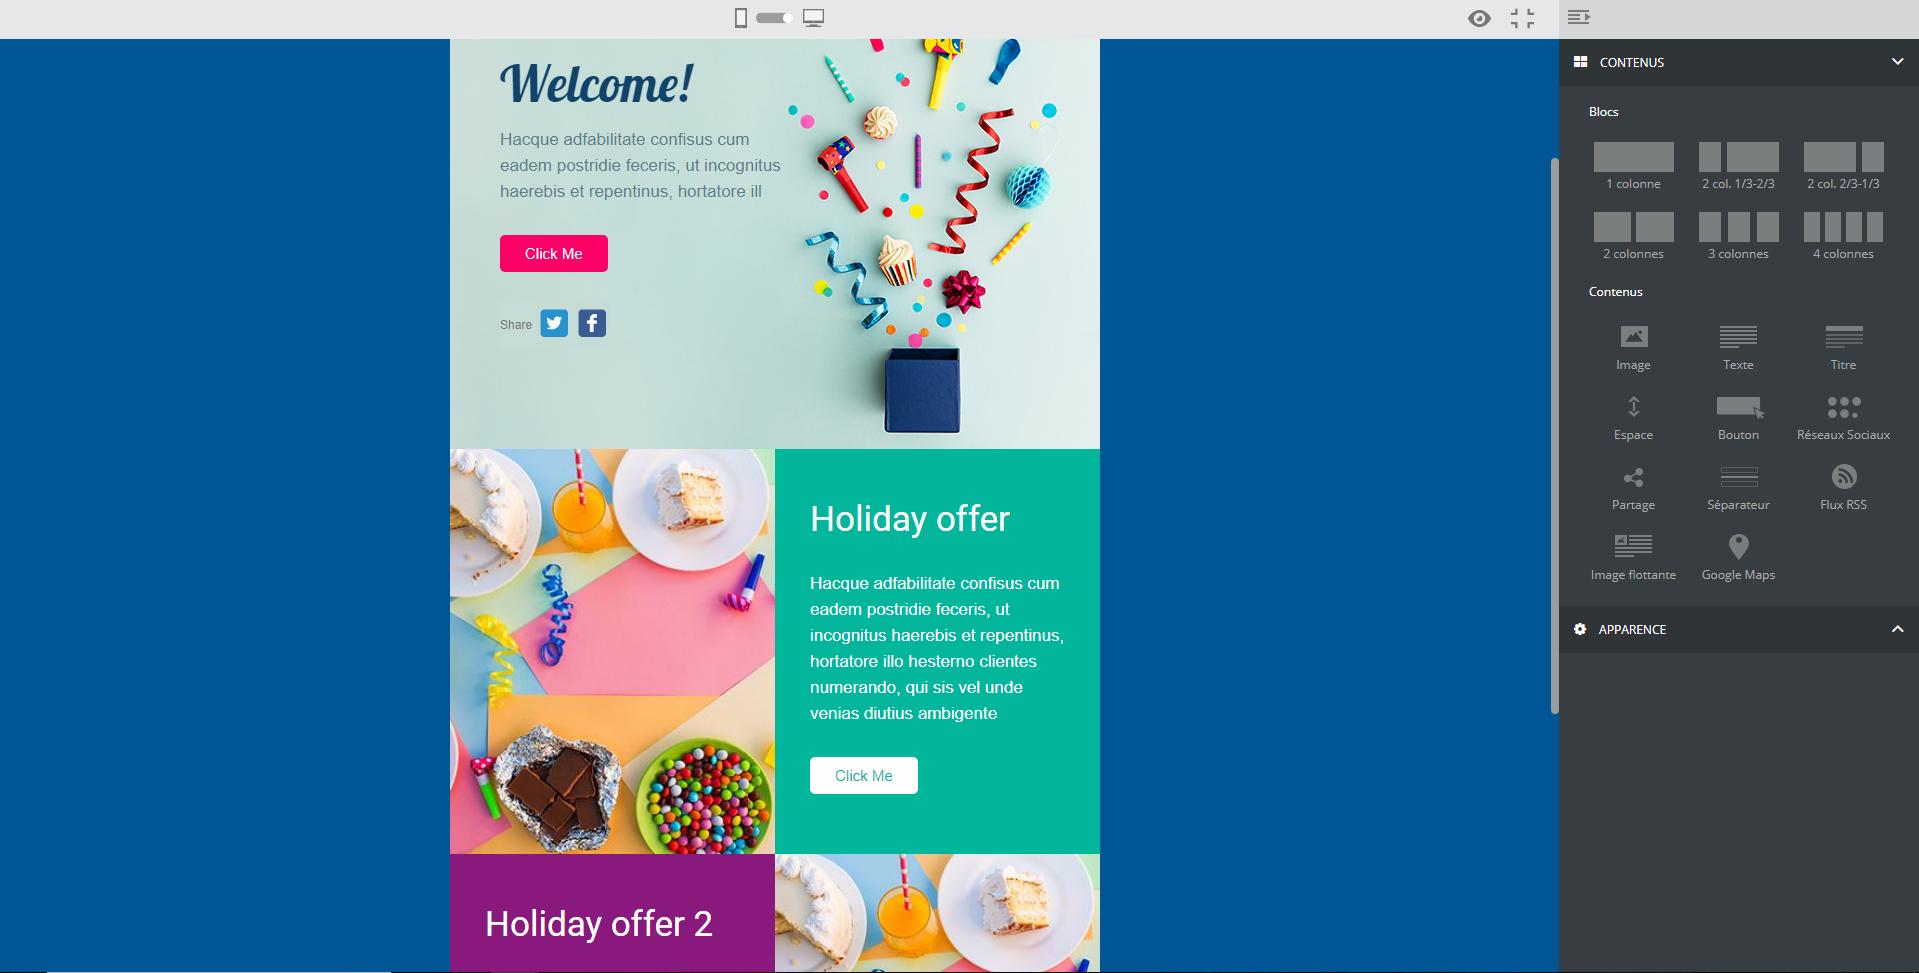 créer un email de bienvenue